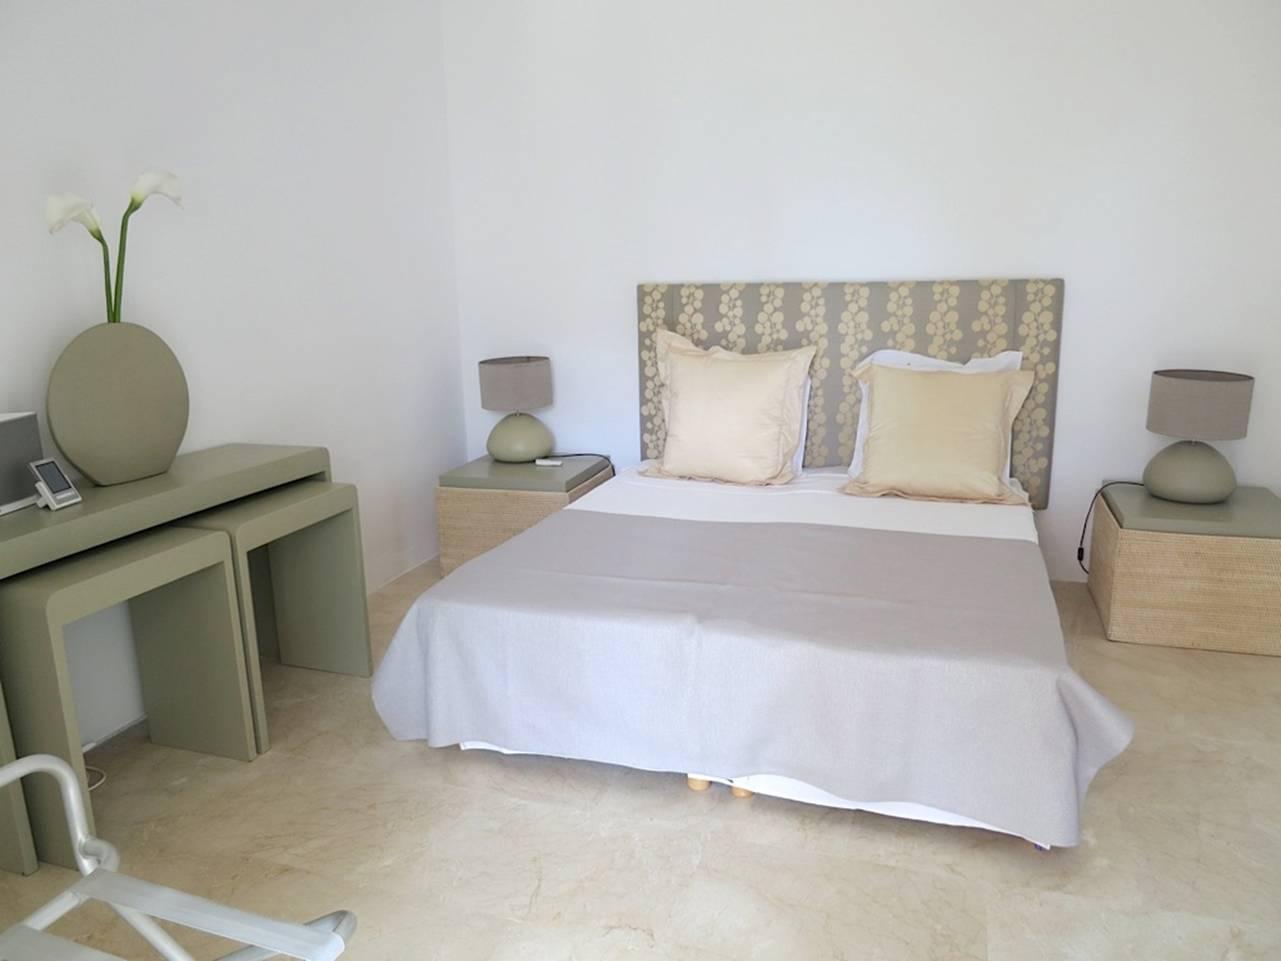 Dormitori 2 amb llit de matrimoni